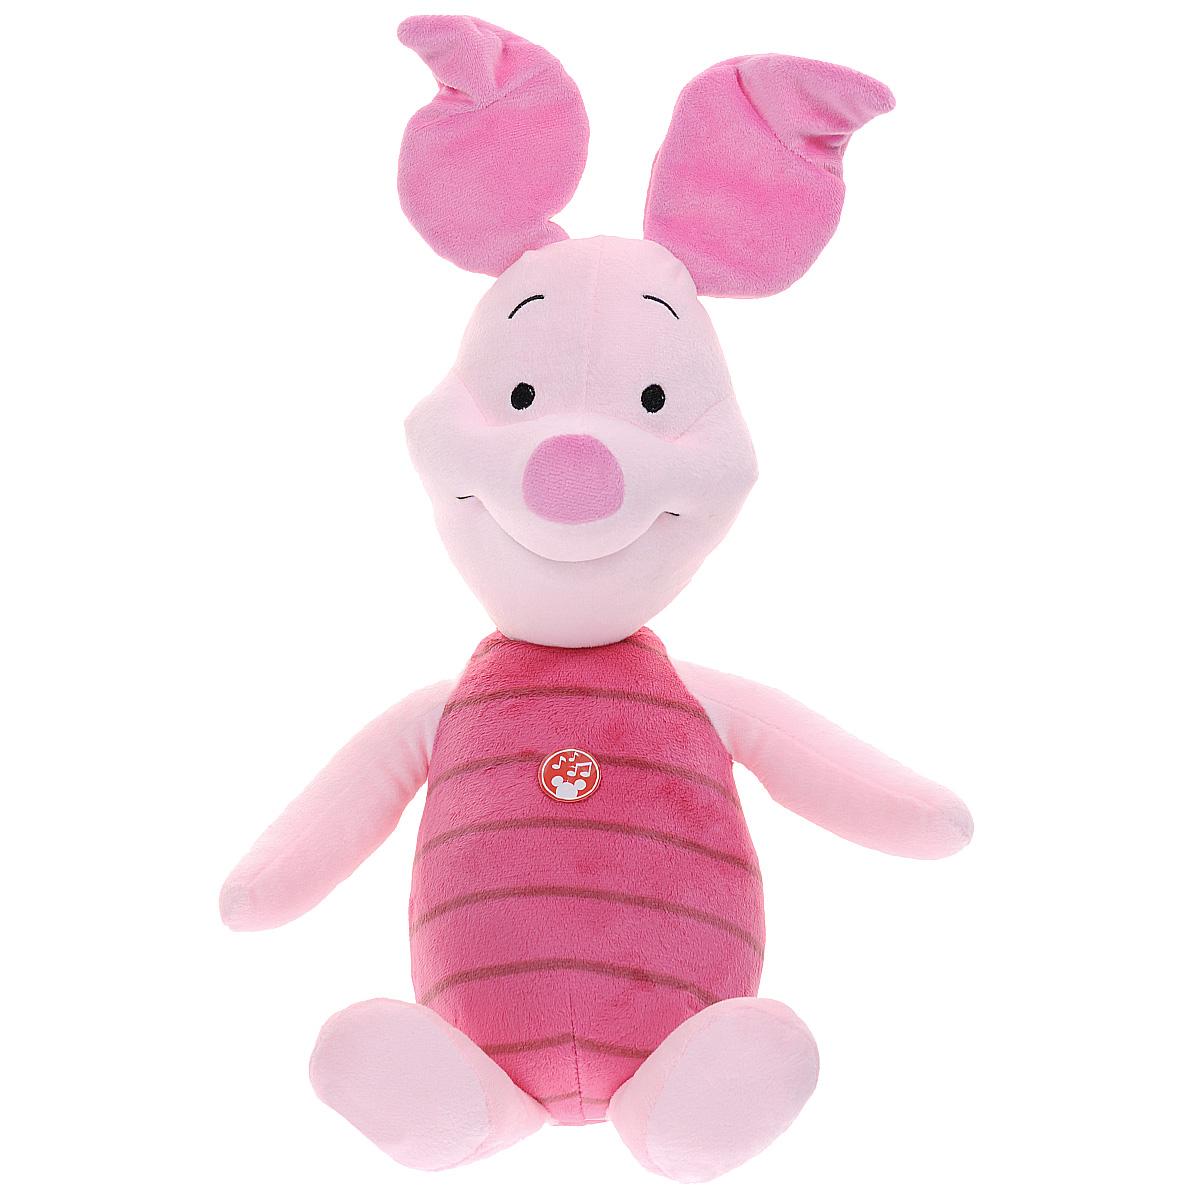 Мягкая озвученная игрушка Disney Хрюник, 55 смVHR1\MМягкая музыкальная игрушка Disney Хрюник станет любимой игрушкой вашего ребенка. Она выполнена в виде поросенка - героя популярного диснеевского мультсериала о приключениях Винни Пуха и его друзей. Игрушка удивительно приятна на ощупь. Она изготовлена из мягкого текстильного материала розового цвета, глазки вышиты нитками. Хрюник произносит фразы Почеши мне за ушком, пожалуйста!, Лично я за свое предложение., Привет, дружок! и другие. Хрюня забавно смеется. Чудесная мягкая игрушка принесет радость и подарит своему обладателю мгновения нежных объятий и приятных воспоминаний. Компания Disney предъявляет большие требования к качеству продукции: все плюшевые герои соответствуют своим мультяшным прототипам, а самое главное - производятся в соответствии с мировыми стандартами качества и соответствуют российским требованиям безопасности.